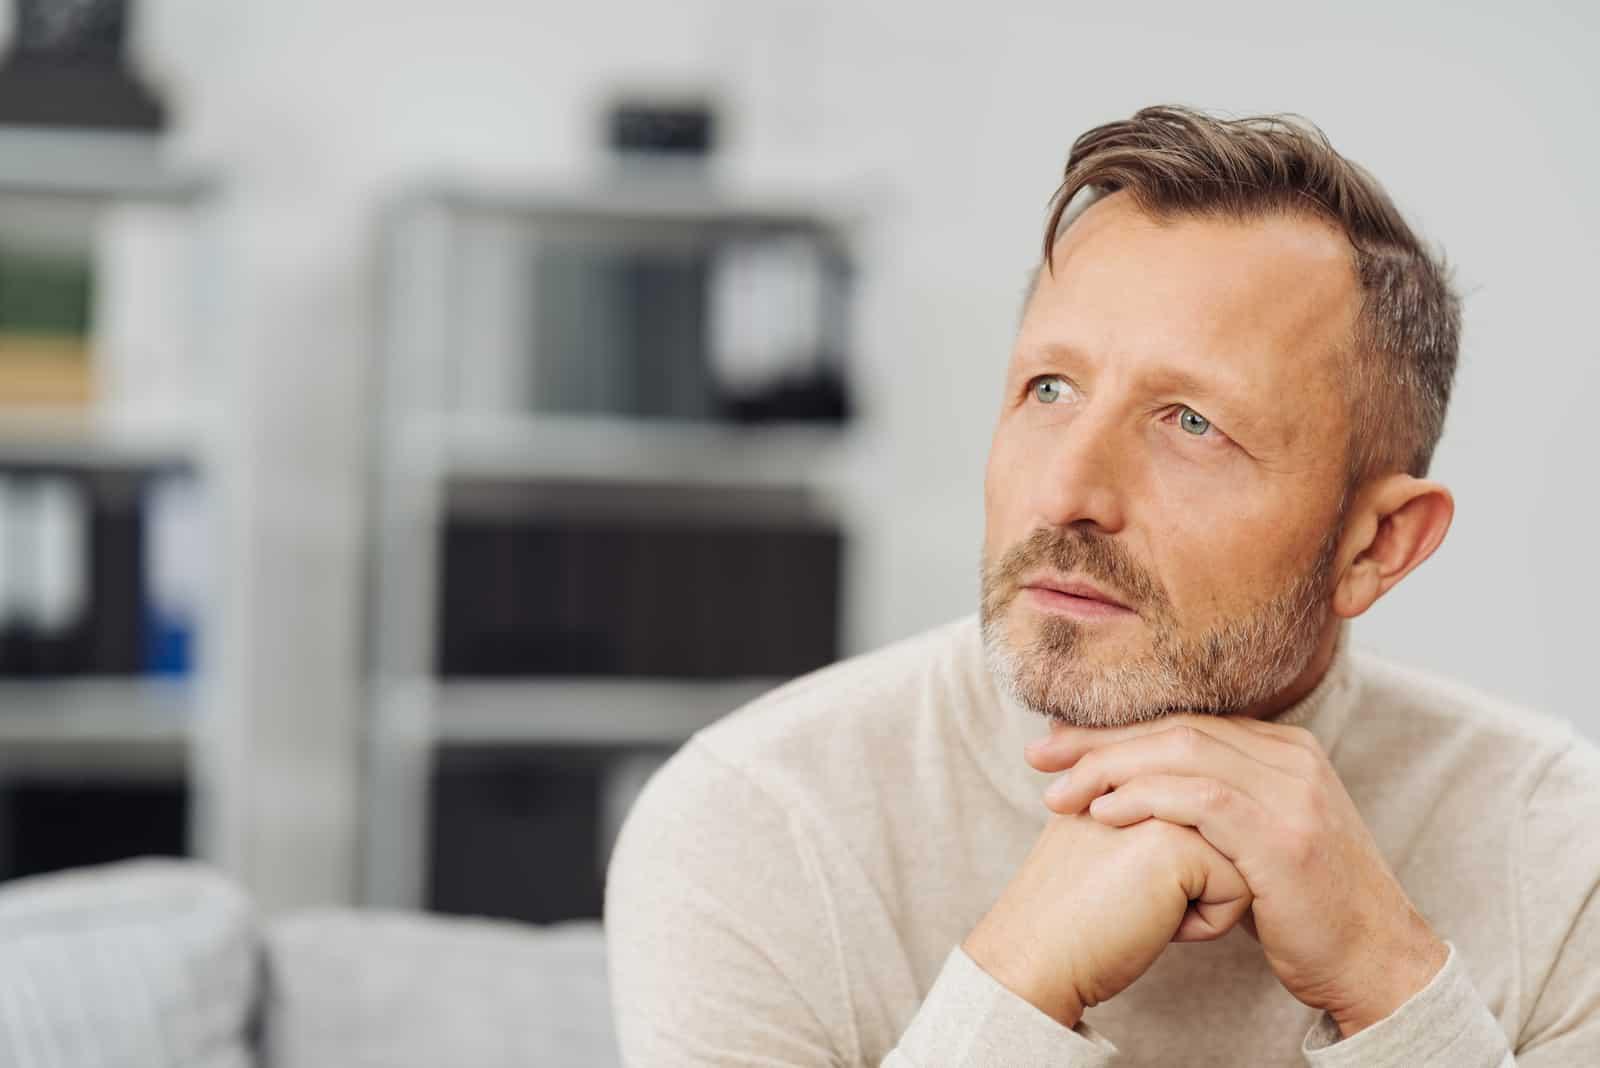 Mann mittleren Alters mit einem ernsthaften nachdenklichen Ausdruck